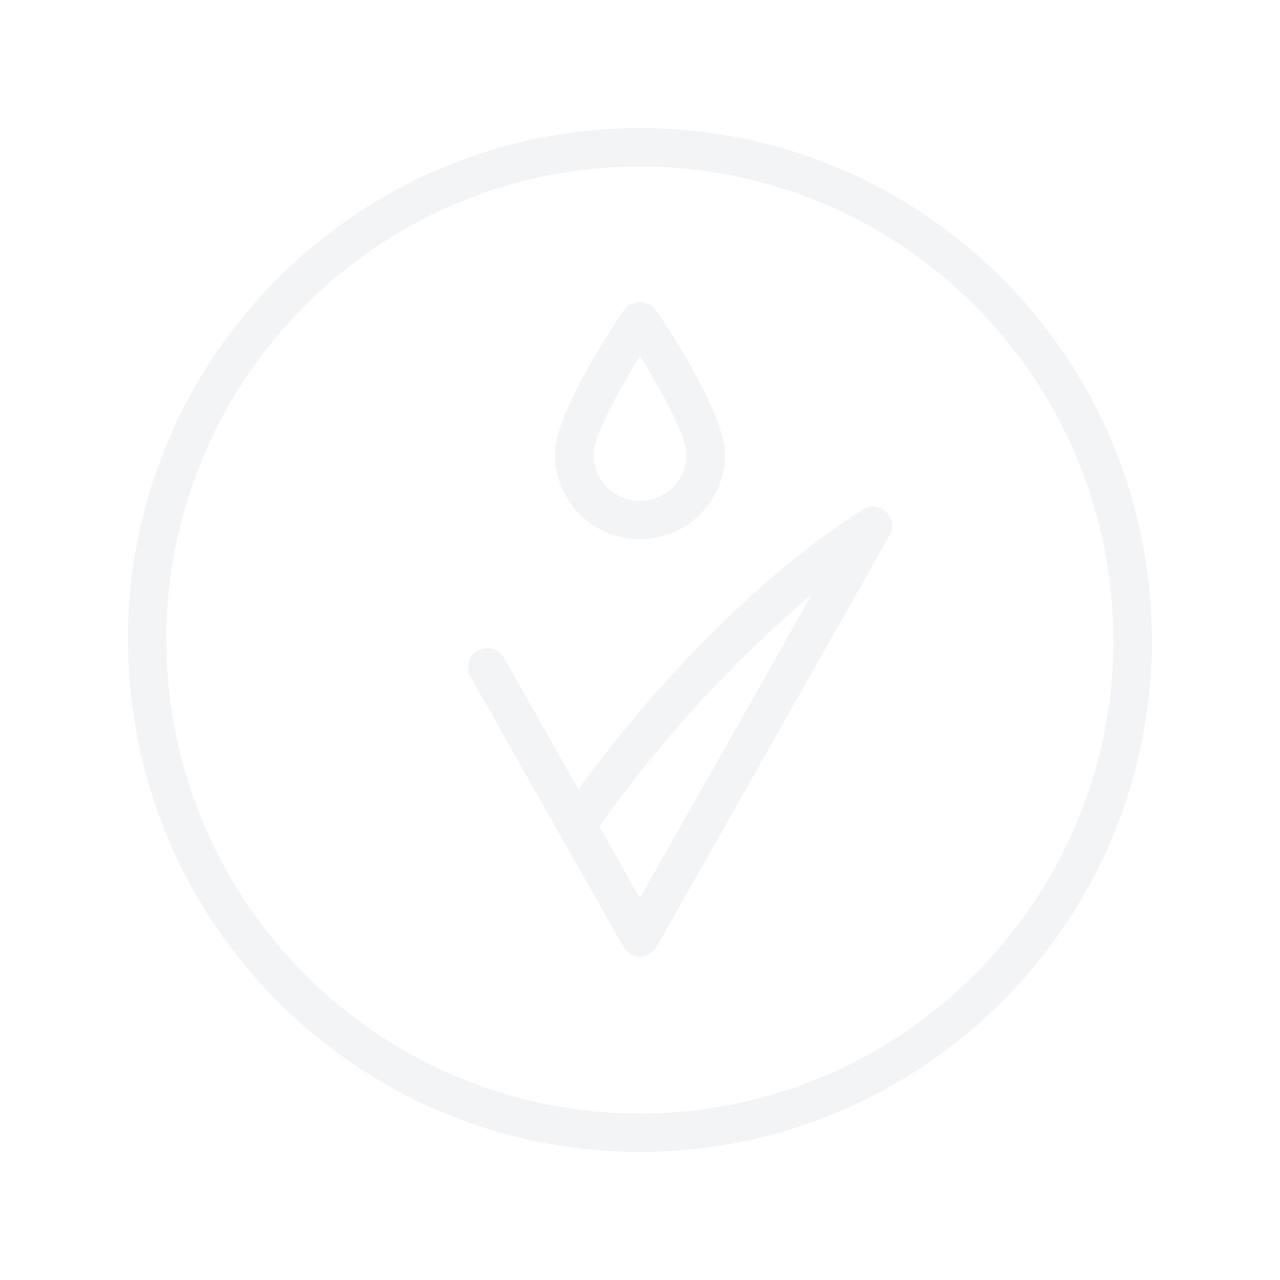 HOLIKA HOLIKA Collagen Modeling Mask 200g альгинатная маска для лица